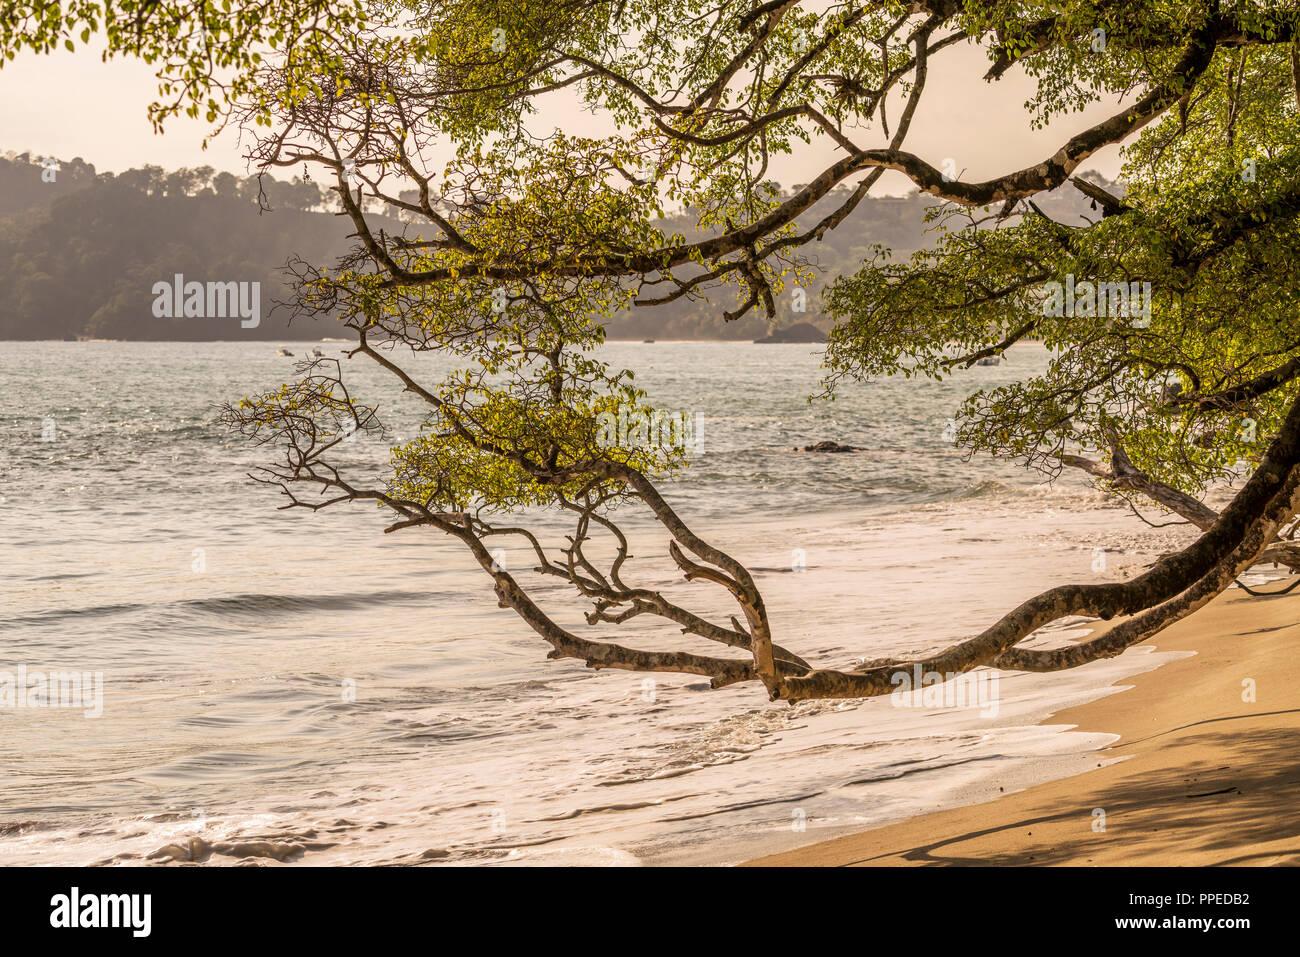 Spiaggia scene, Parco Nazionale di Corcovado, Osa Peninsula, Costa Rica Immagini Stock